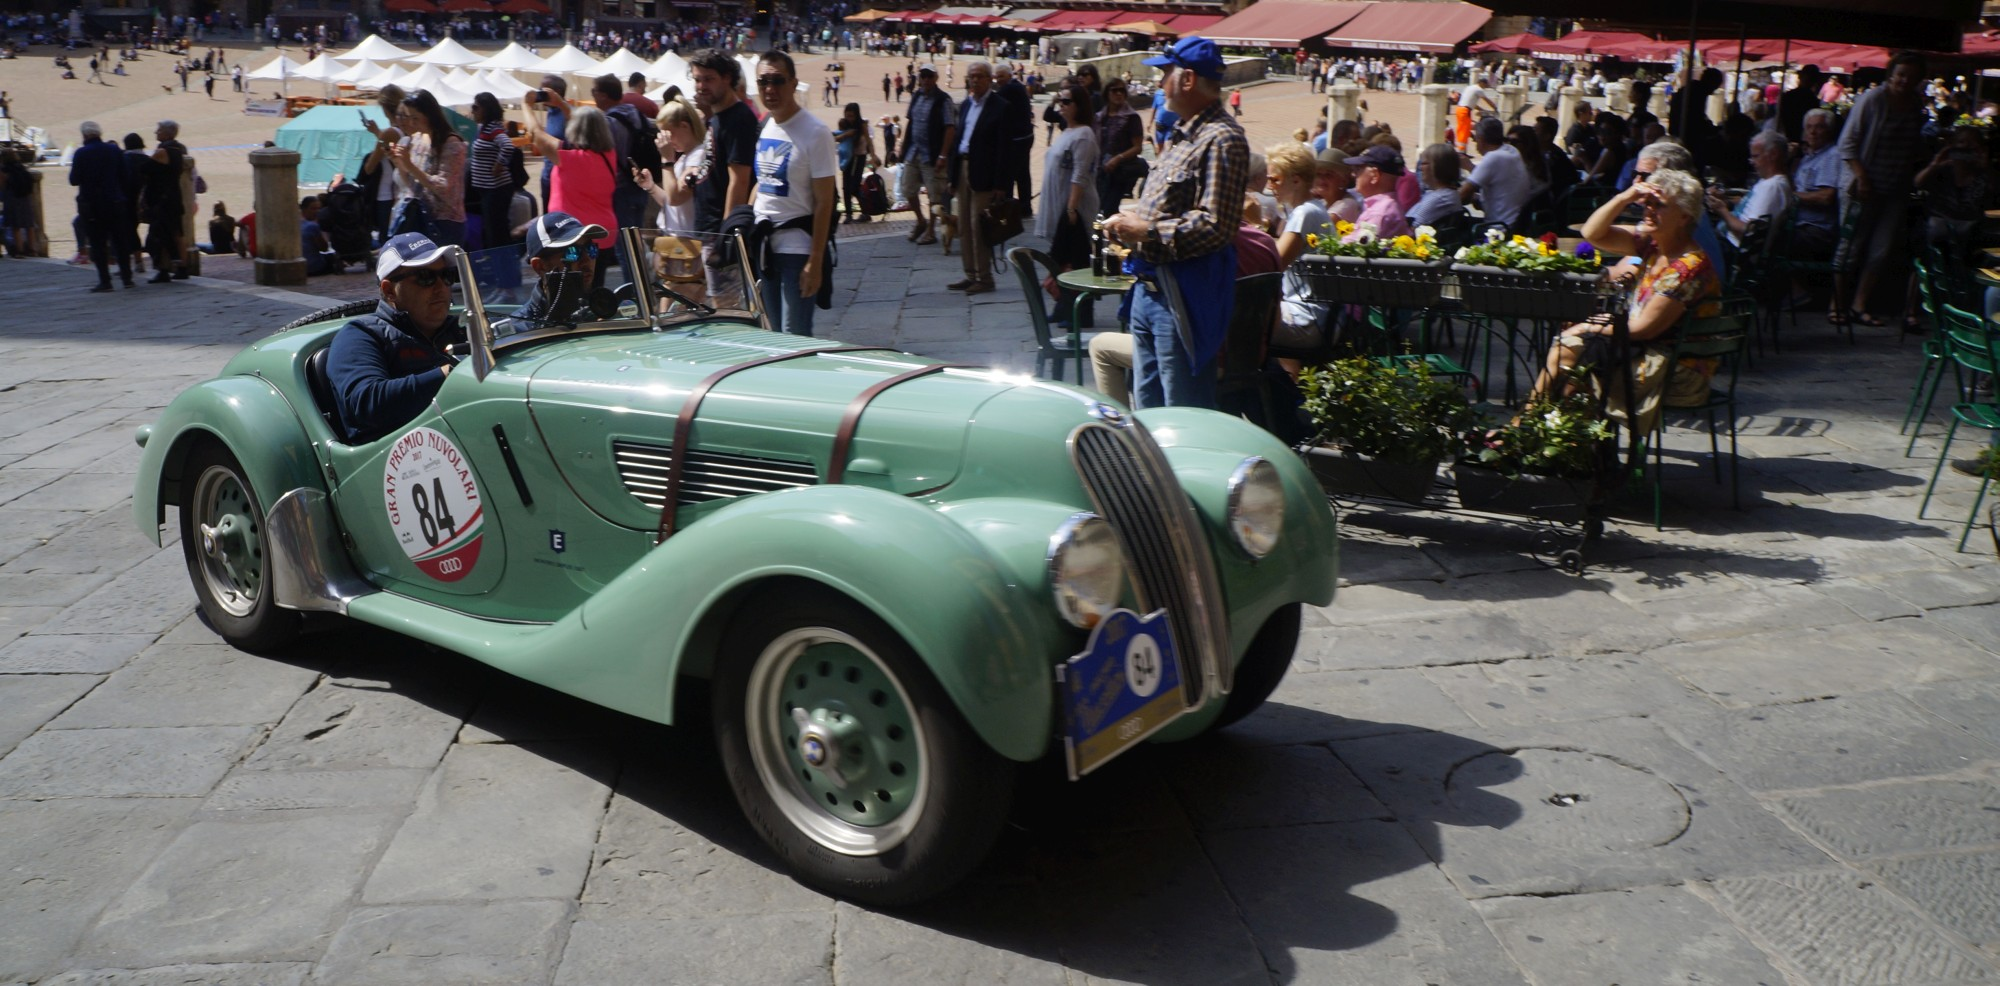 BMW 328 1939 - Vesco Guerini - Gran Premio Nuvolari 2017 - Piazza del Campo (SI)